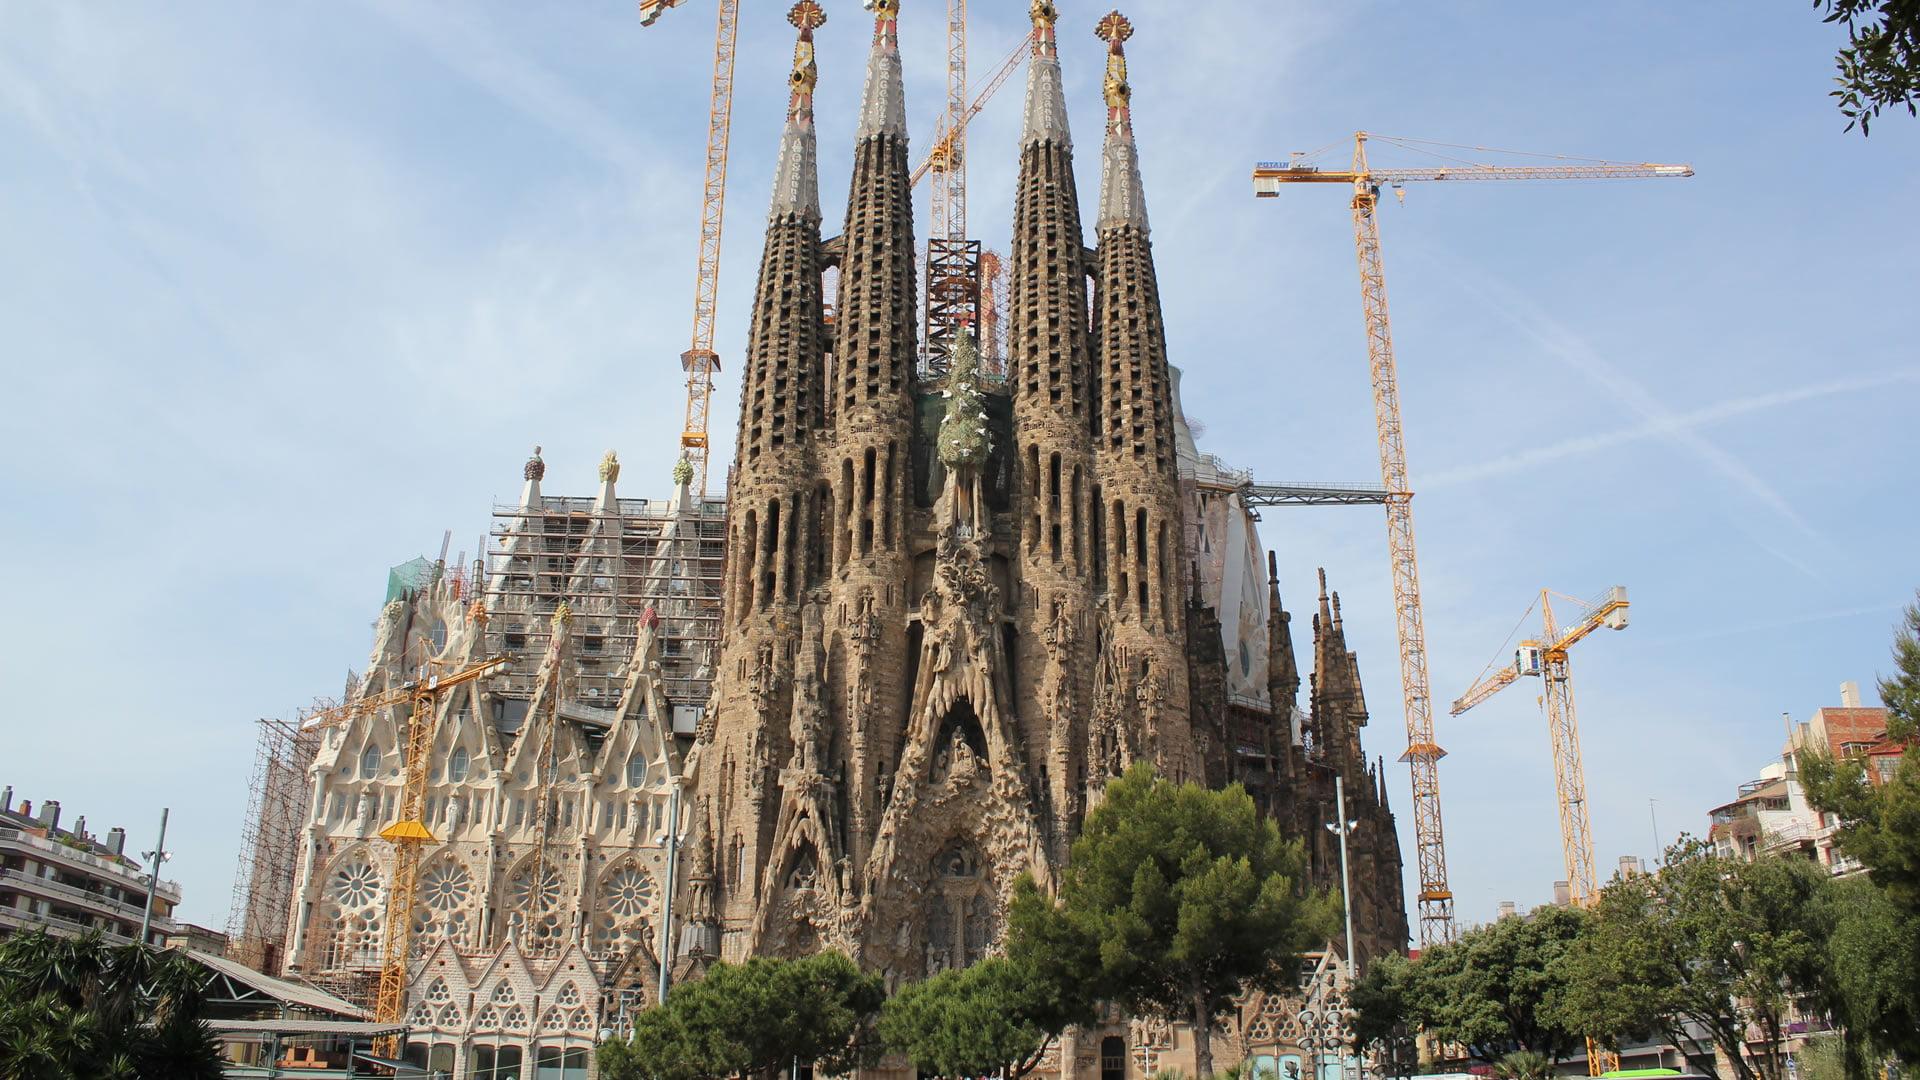 La sagrada familia el monumento m s importante de barcelona for De la sagrada familia